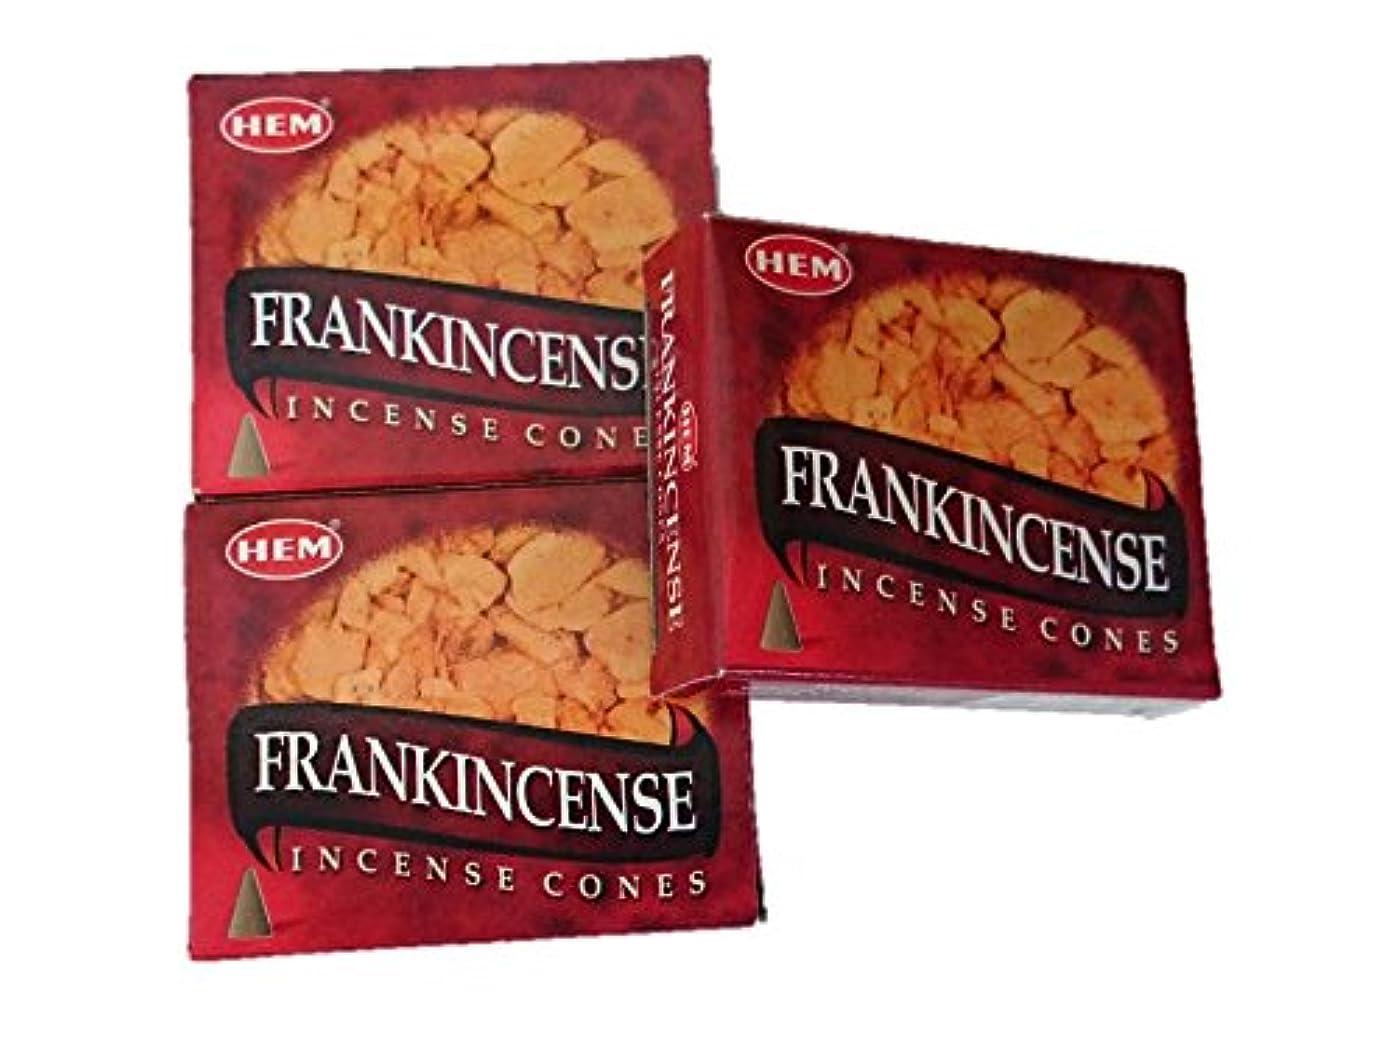 億物思いにふけるダーベビルのテスHEM(ヘム)お香 フランキンセンス コーン 3個セット